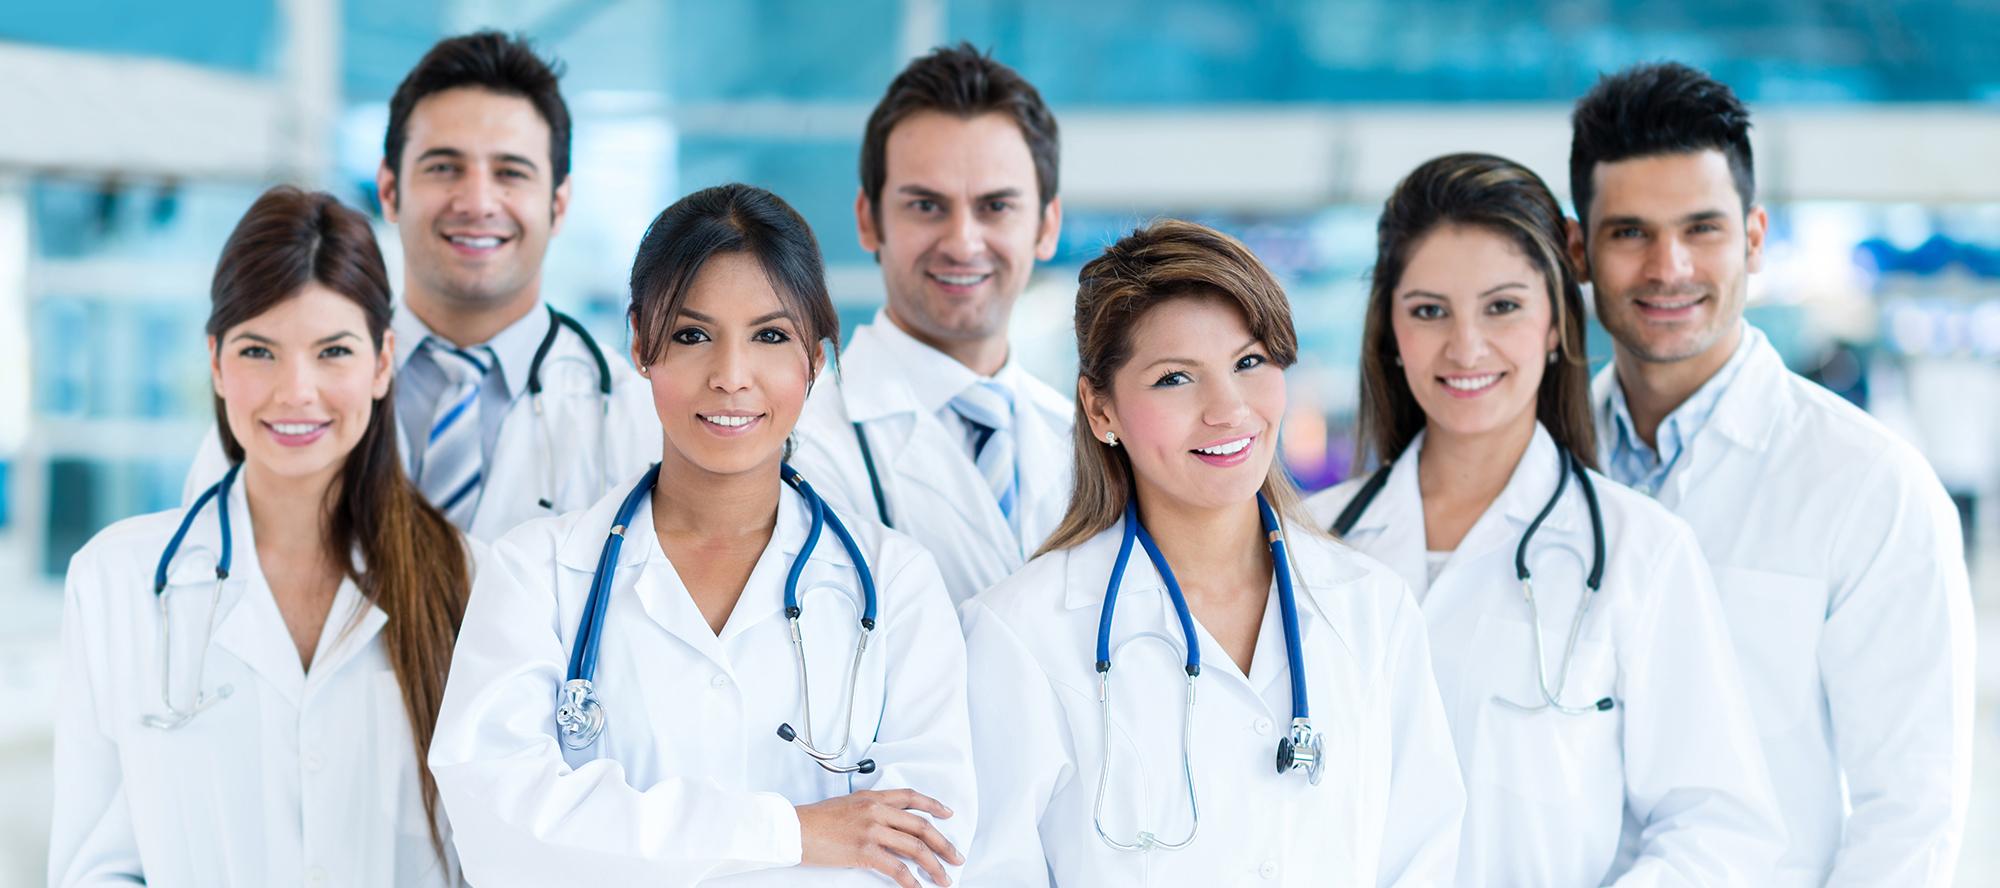 Young-Professionals-Doctors-Medical